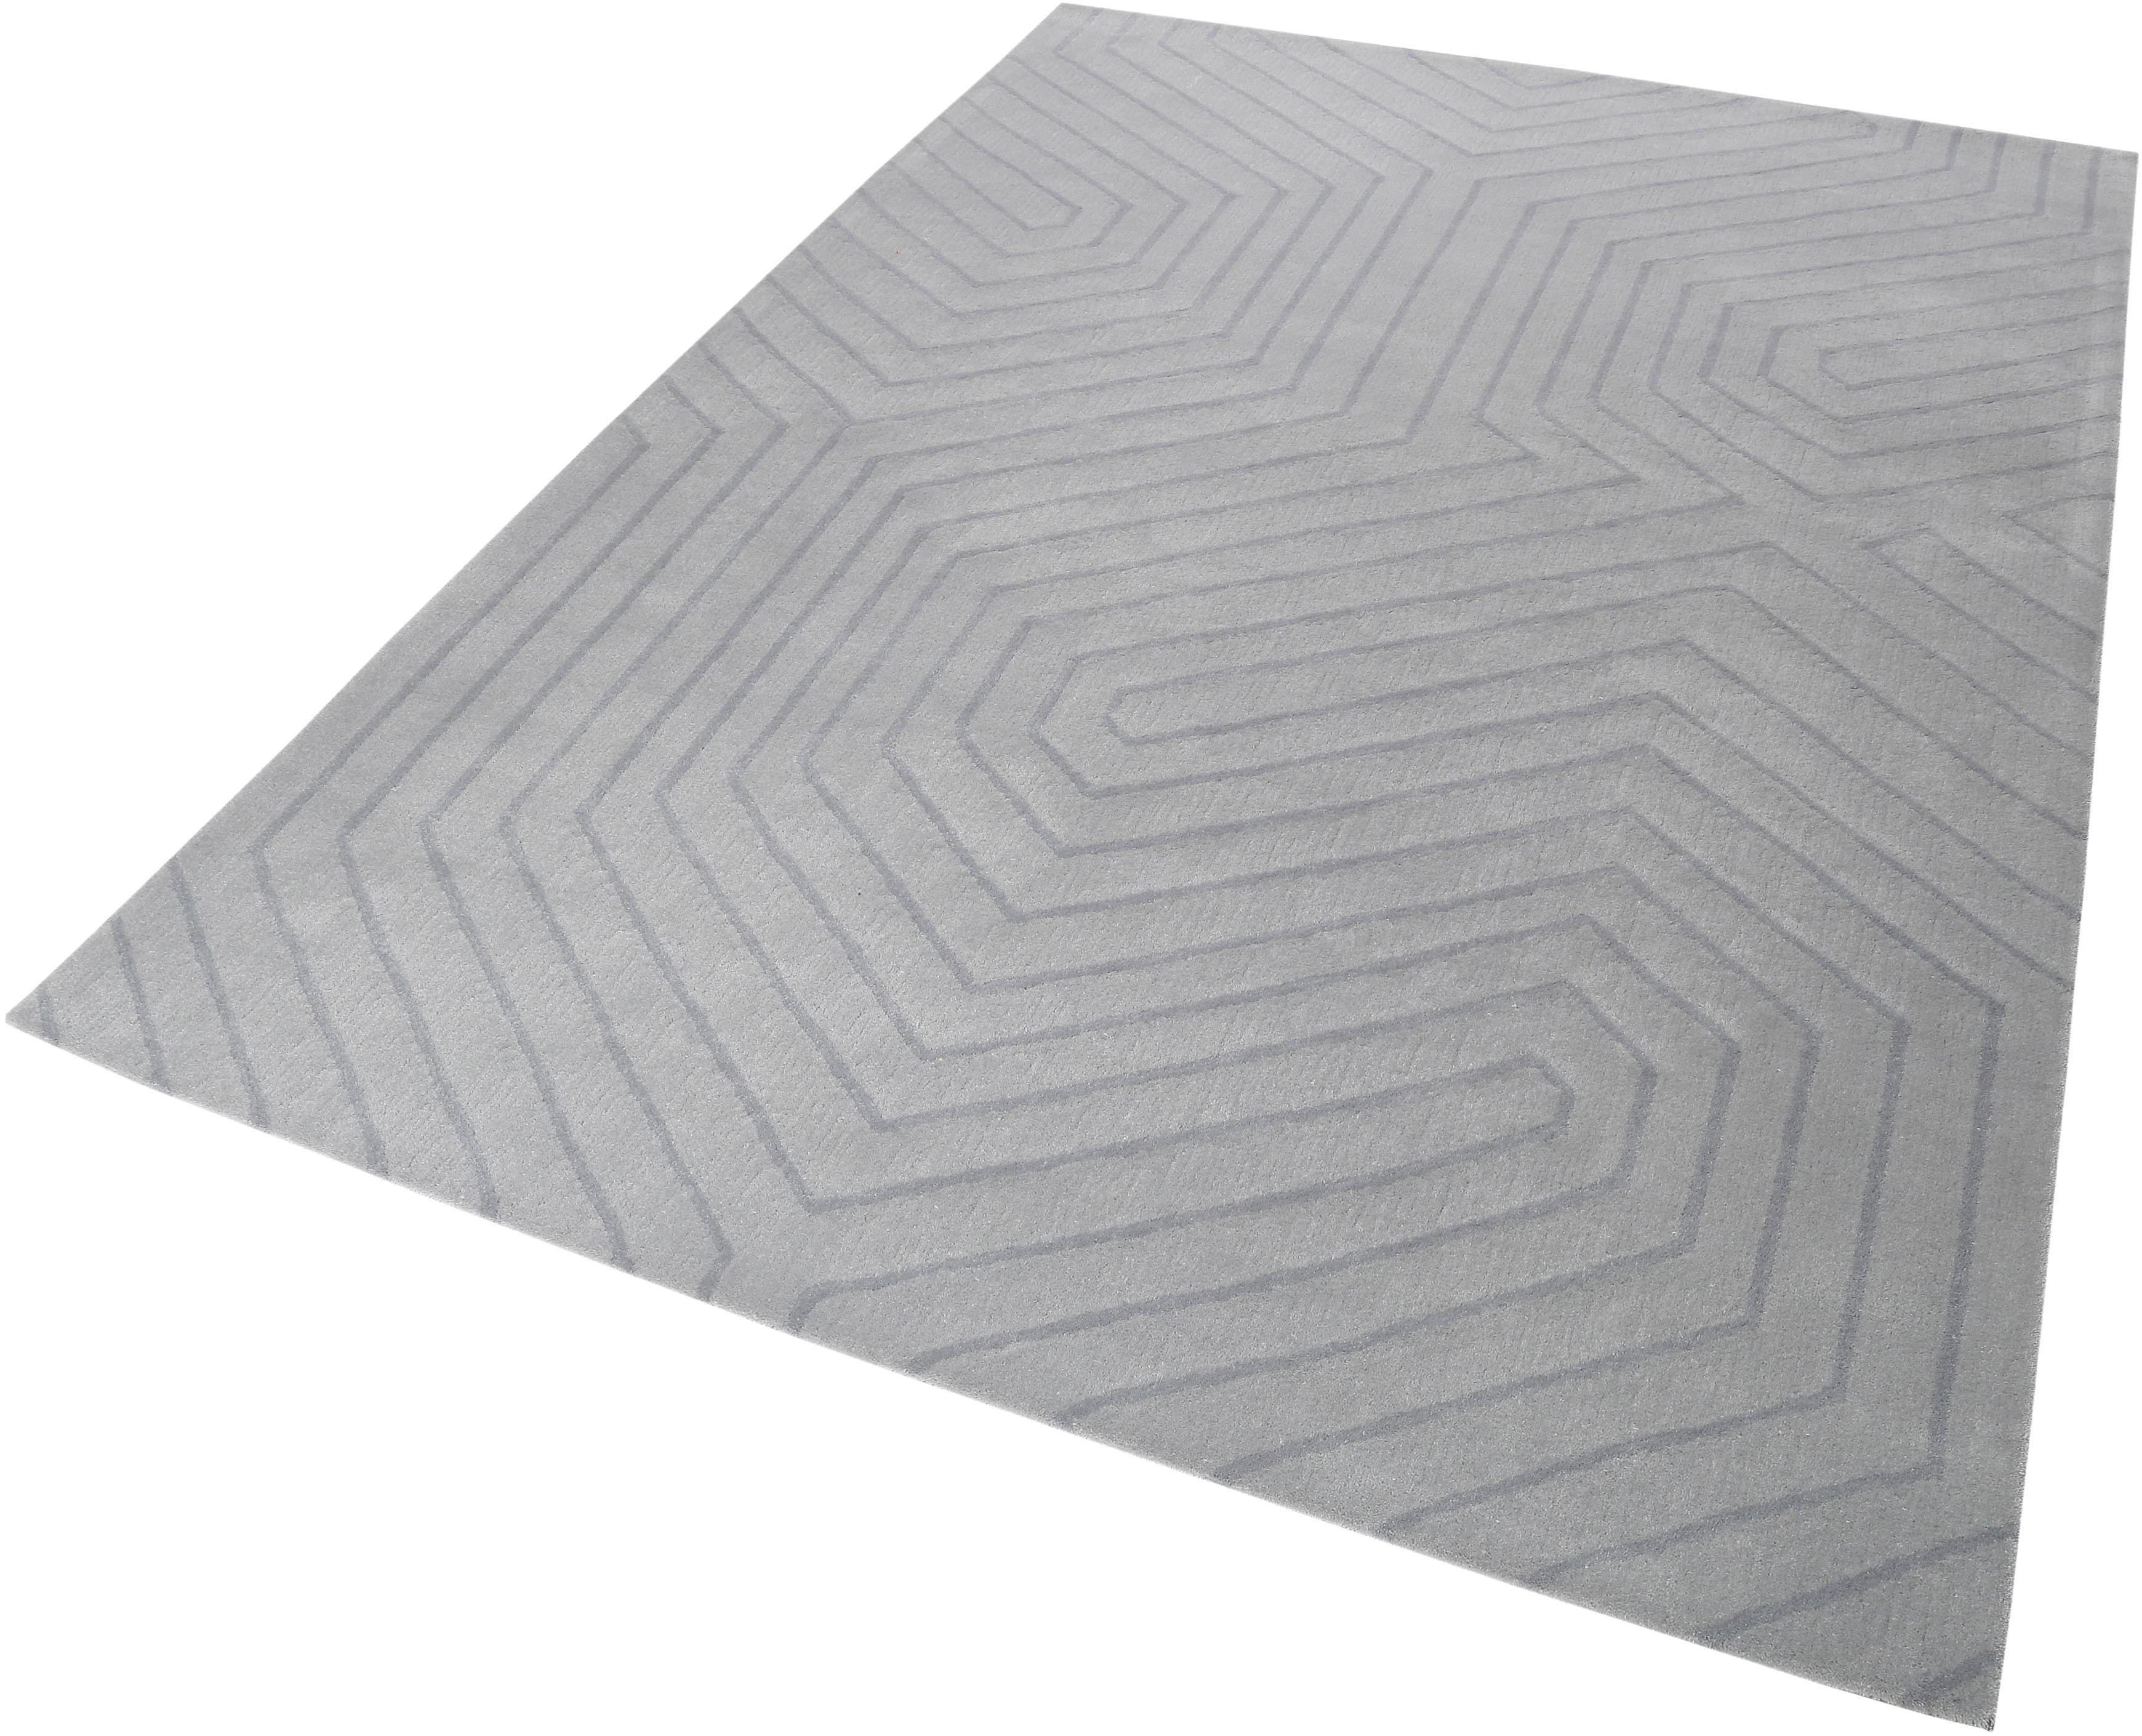 Wollteppich Raban Esprit rechteckig Höhe 10 mm handgetuftet